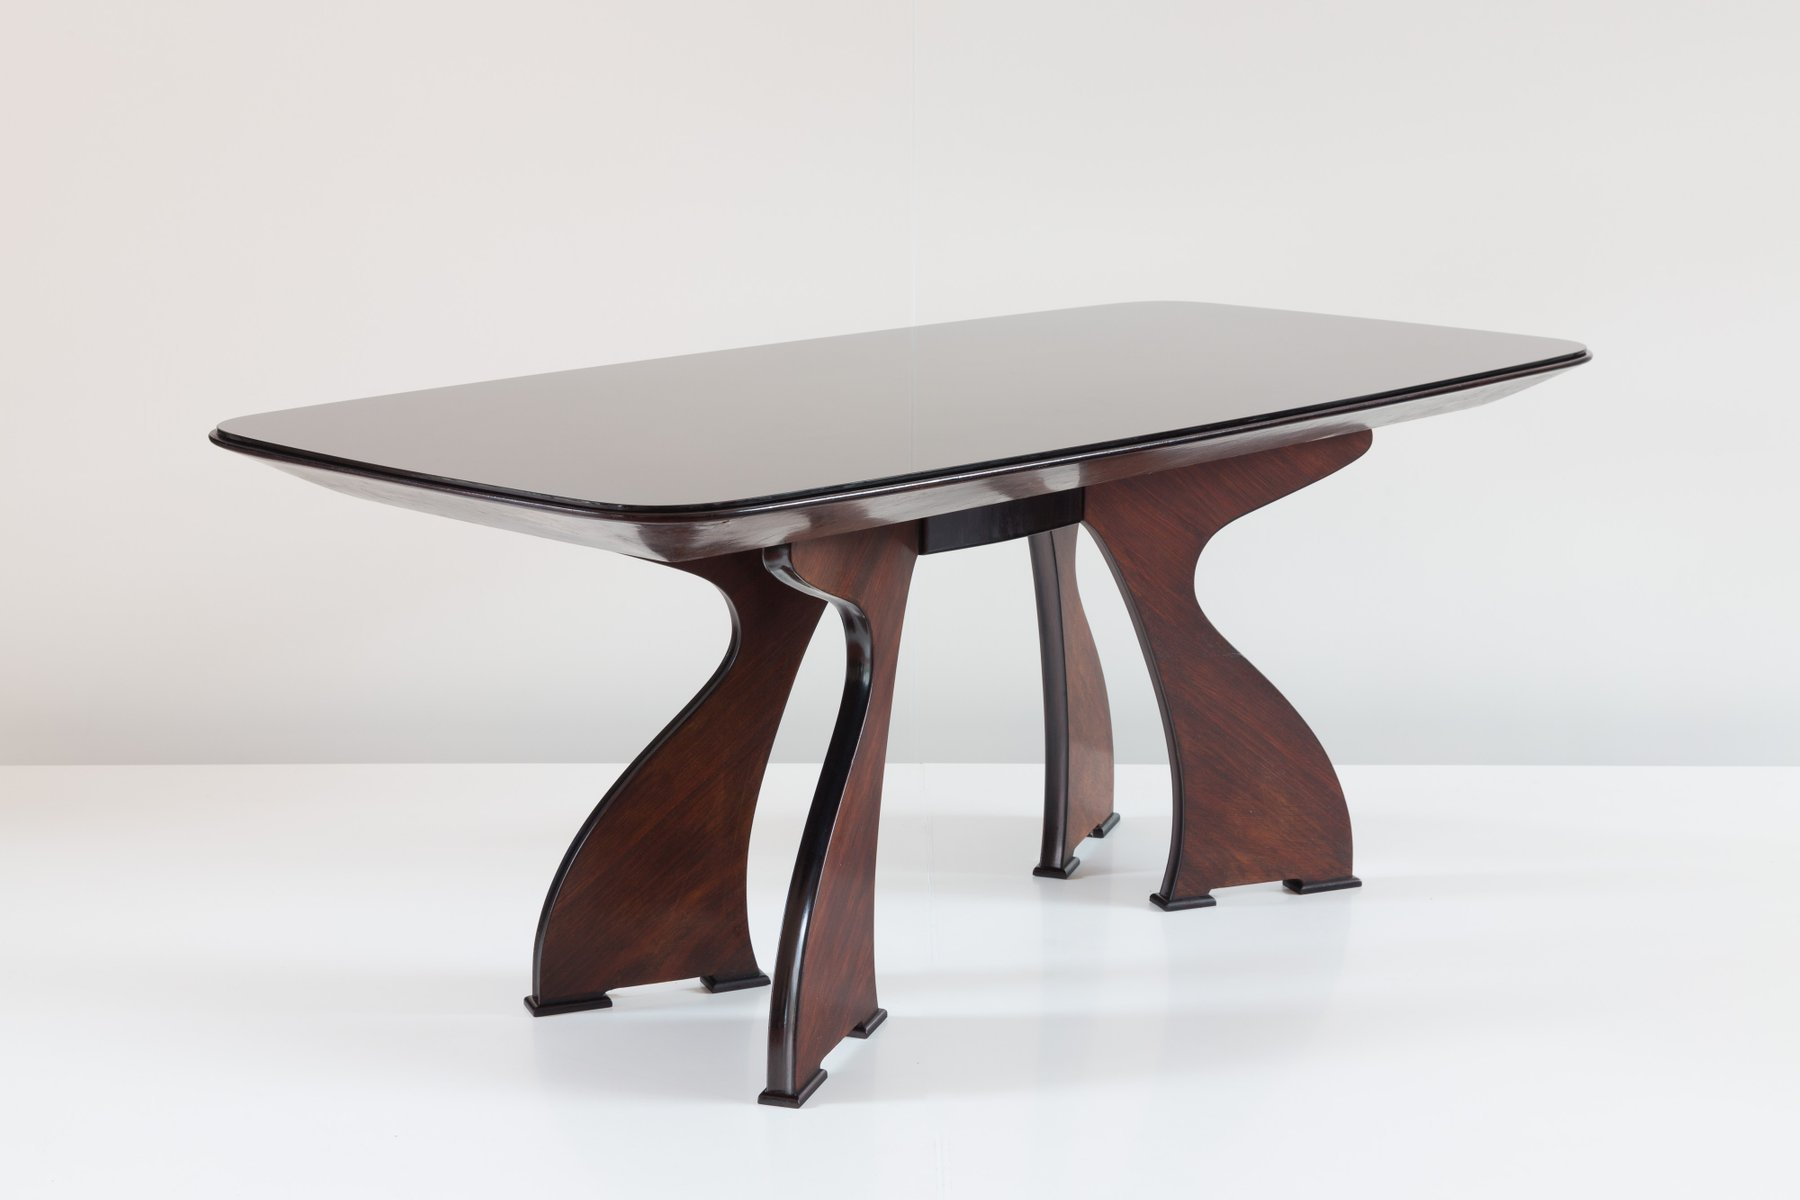 Table de salle manger moderne sculpturale en palissandre for Vente flash salle a manger moderne